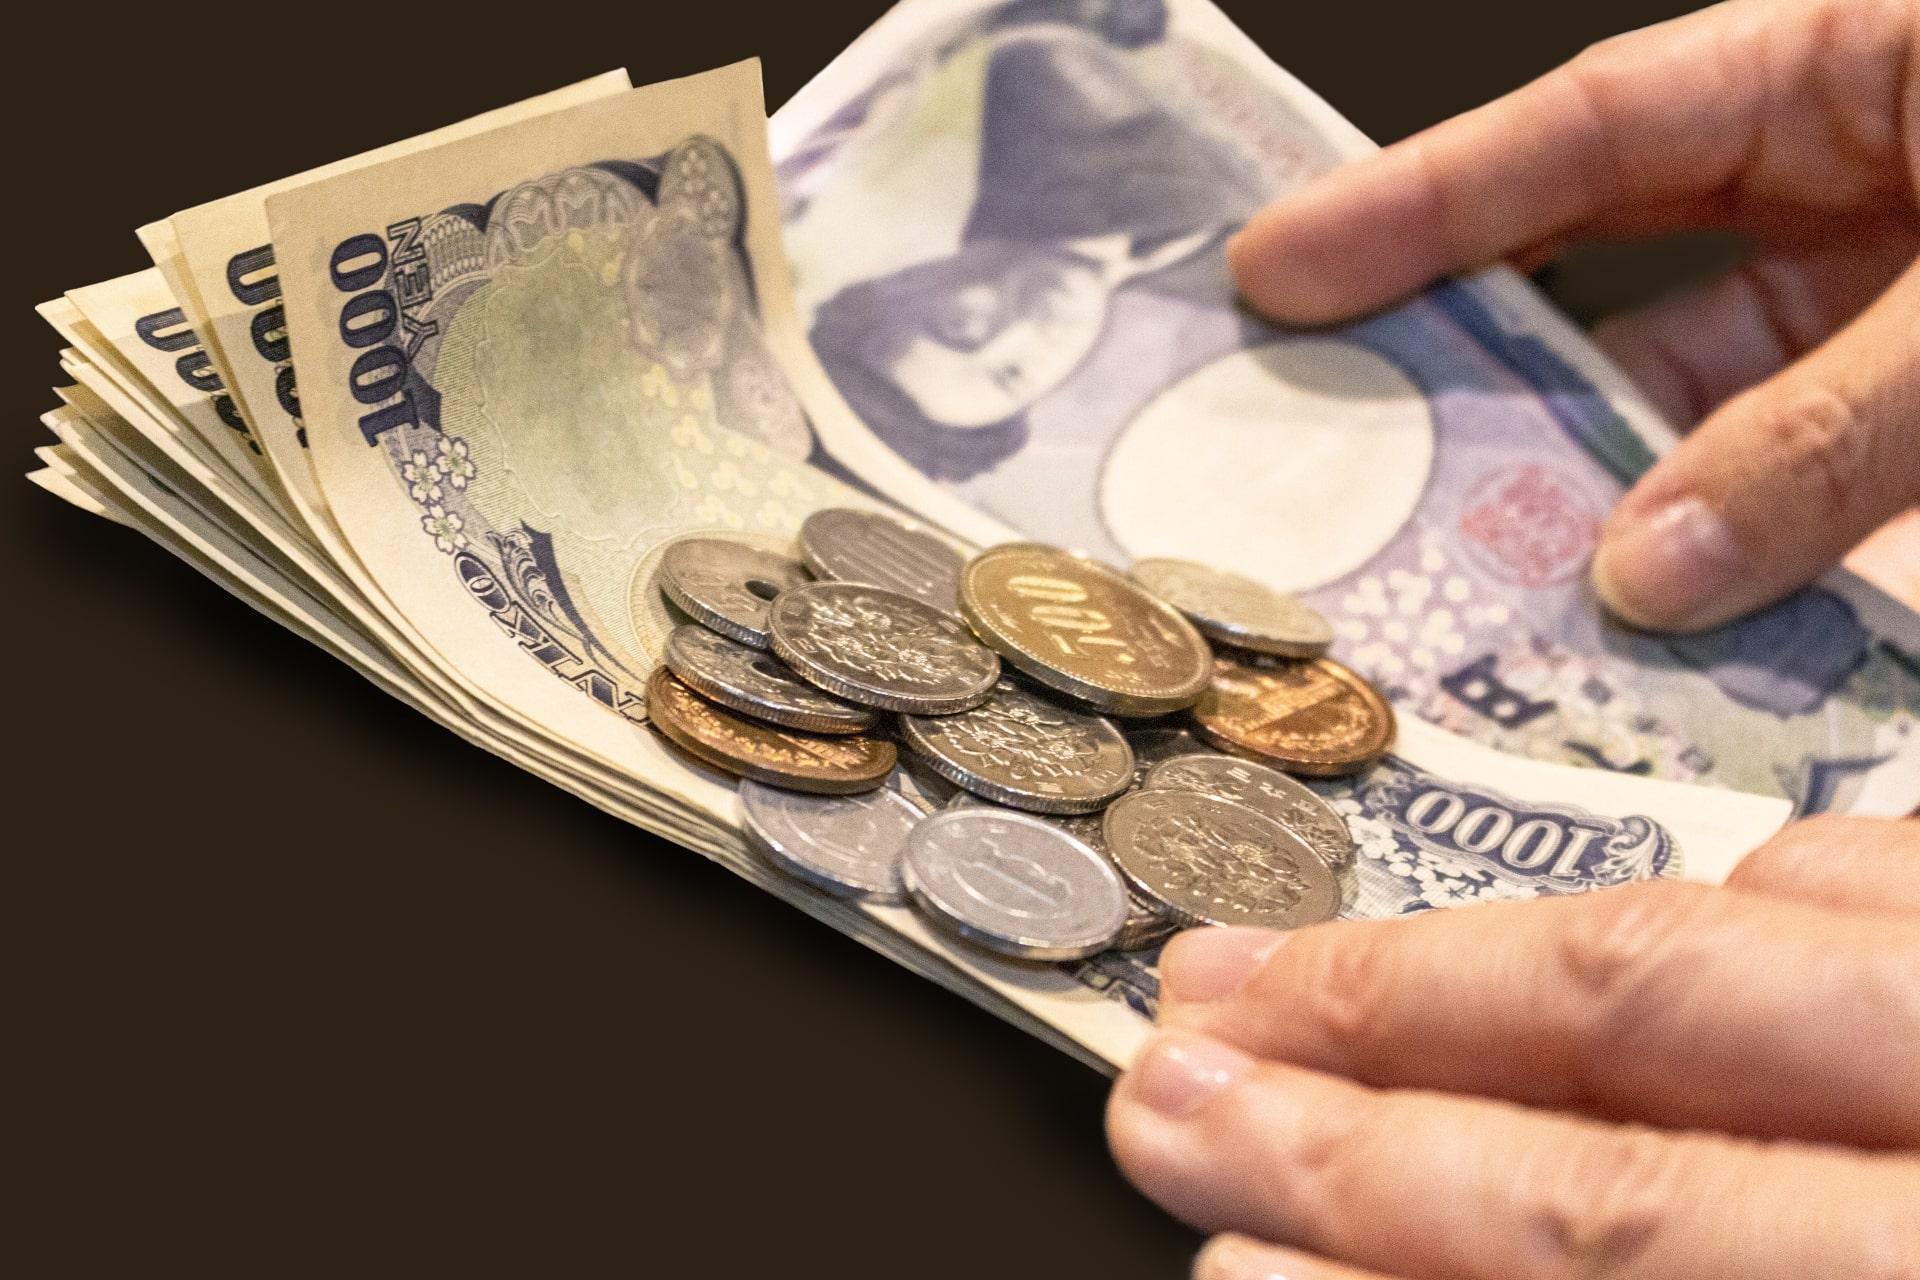 面倒な現金の割り勘。キャッシュレスの個人間送金でスマートに!